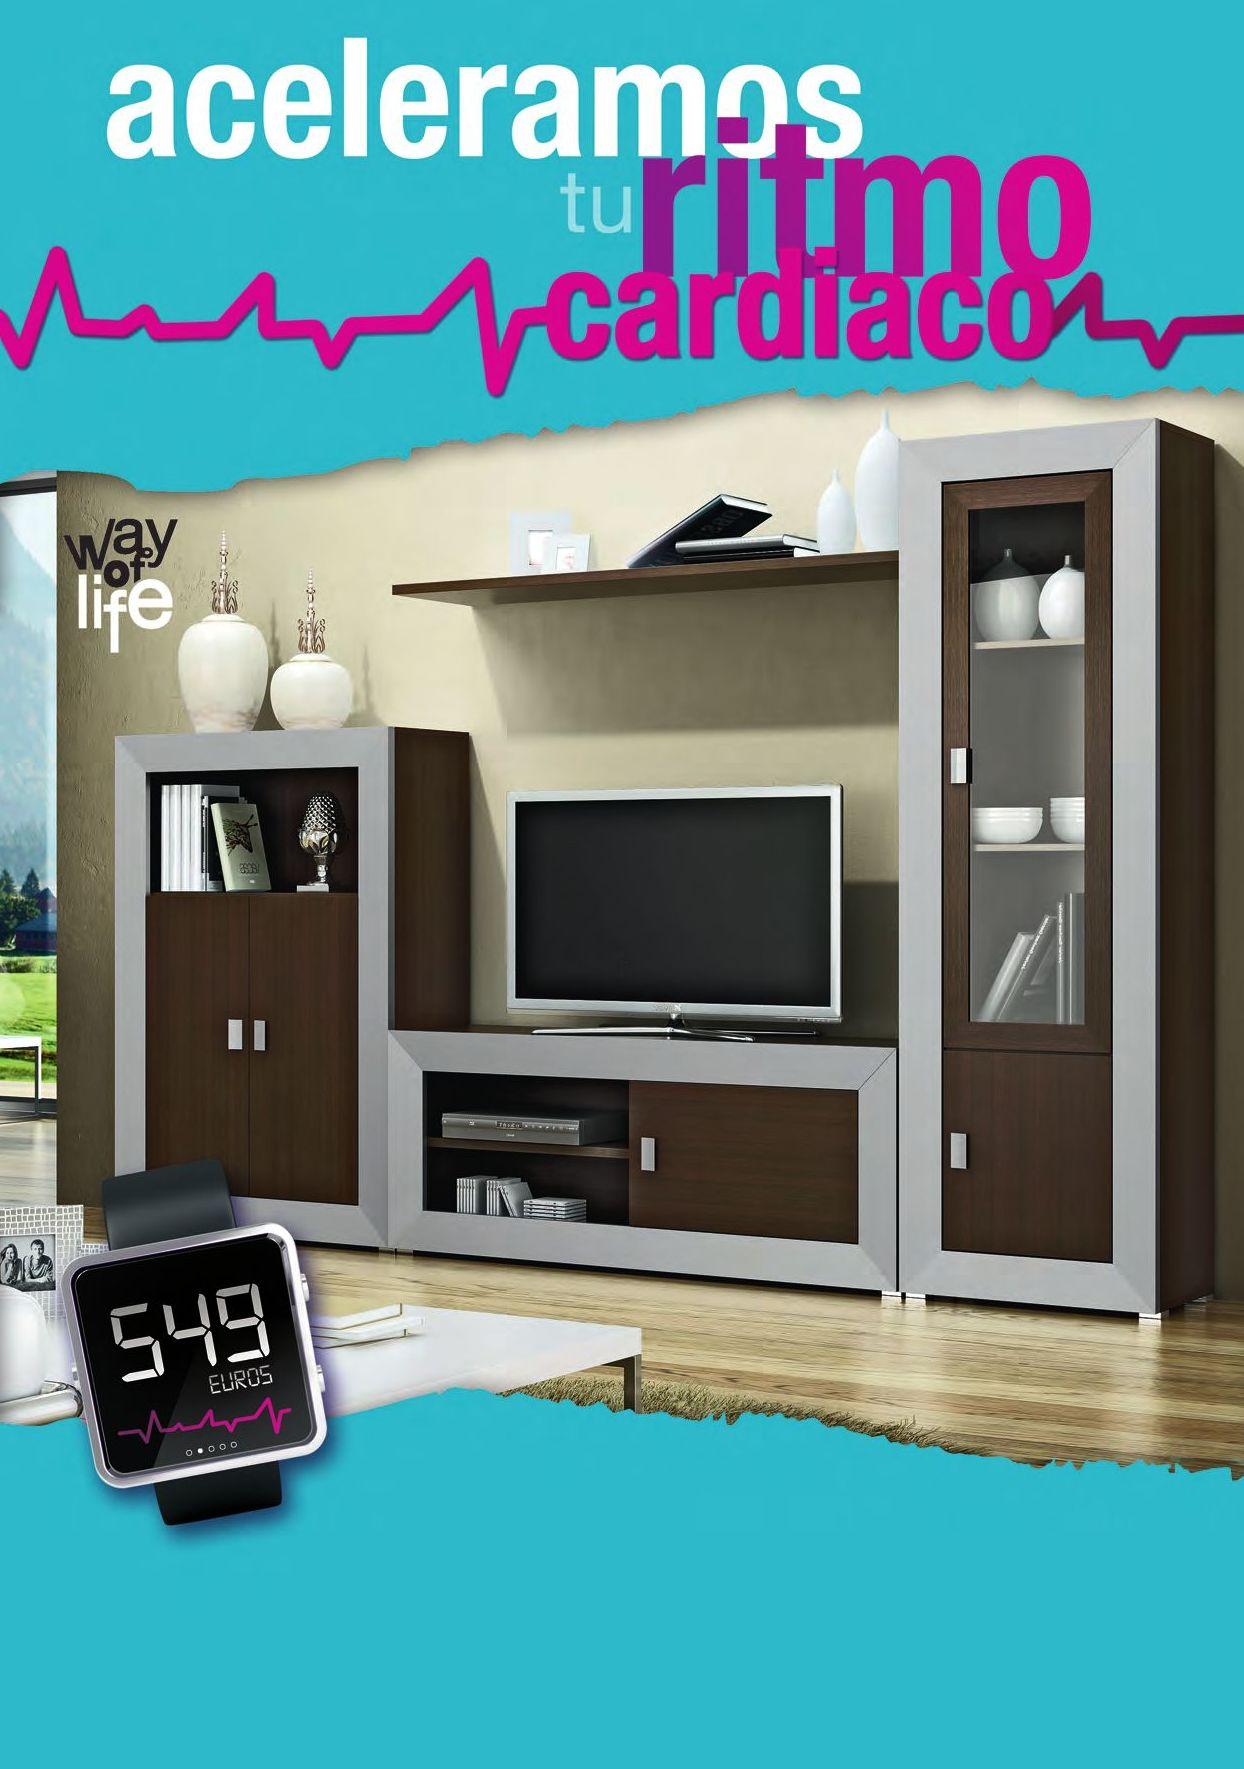 Oferta muebles en almer a for Muebles en almeria ofertas